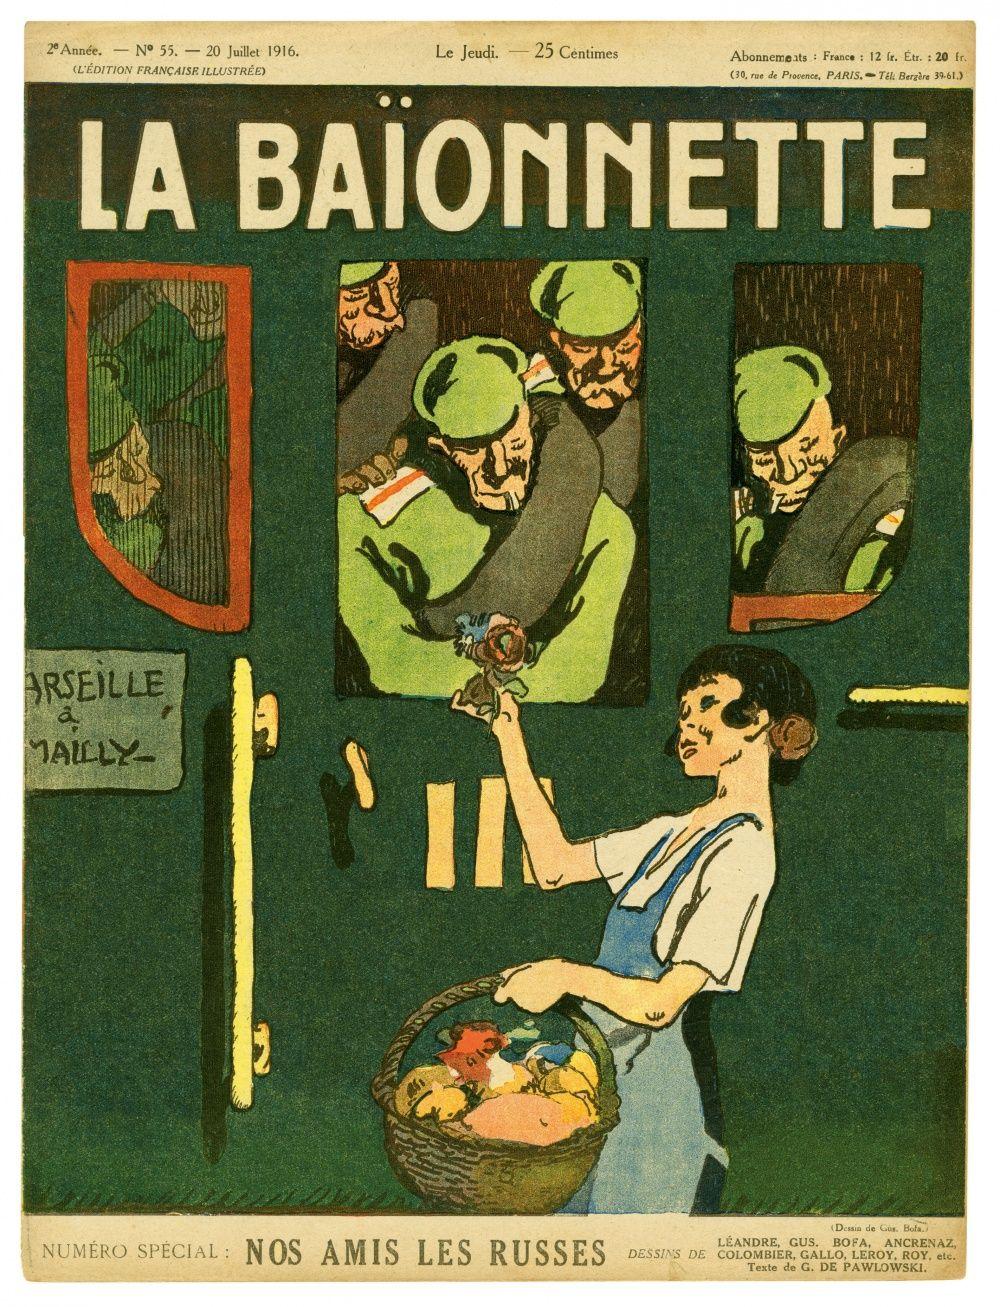 41e Festival de la Bande Dessinée d'Angoulême – 30 janvier au 2 février 2014 - Gus Bofa, l'adieu aux armes